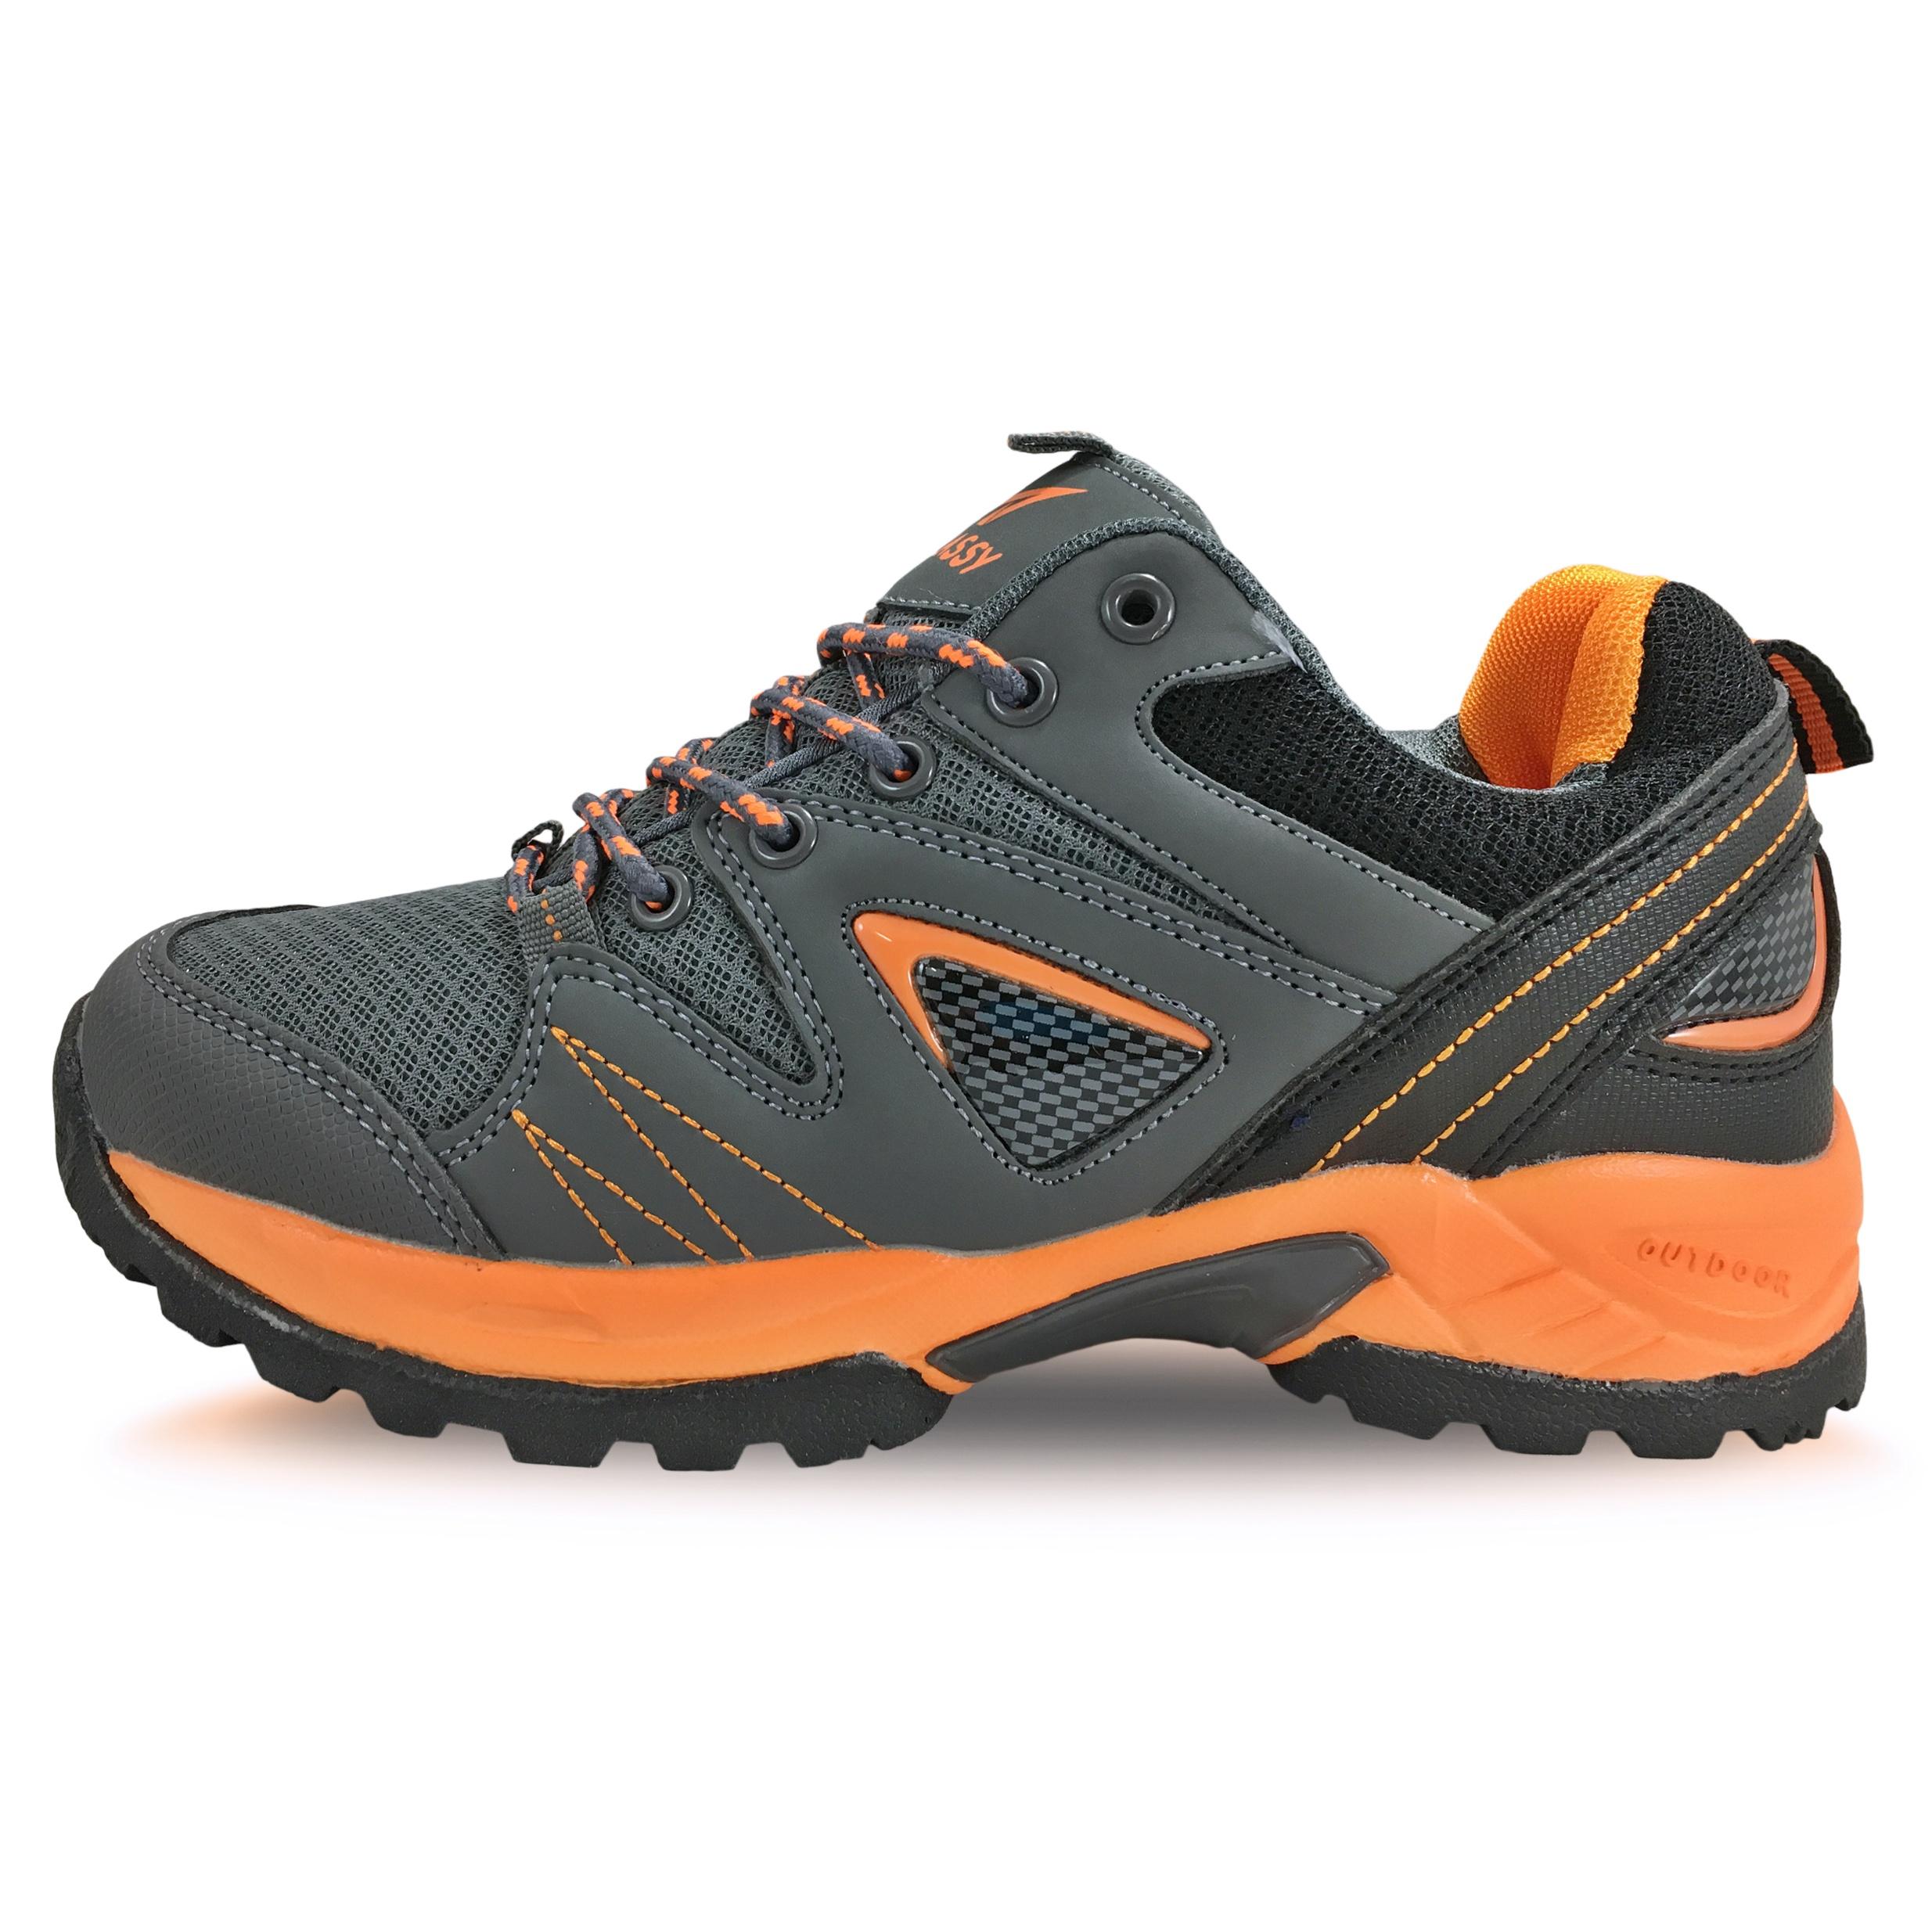 کفش مخصوص پیاده روی زنانه اچ ال اس مدل هیلاسی کد SJ107